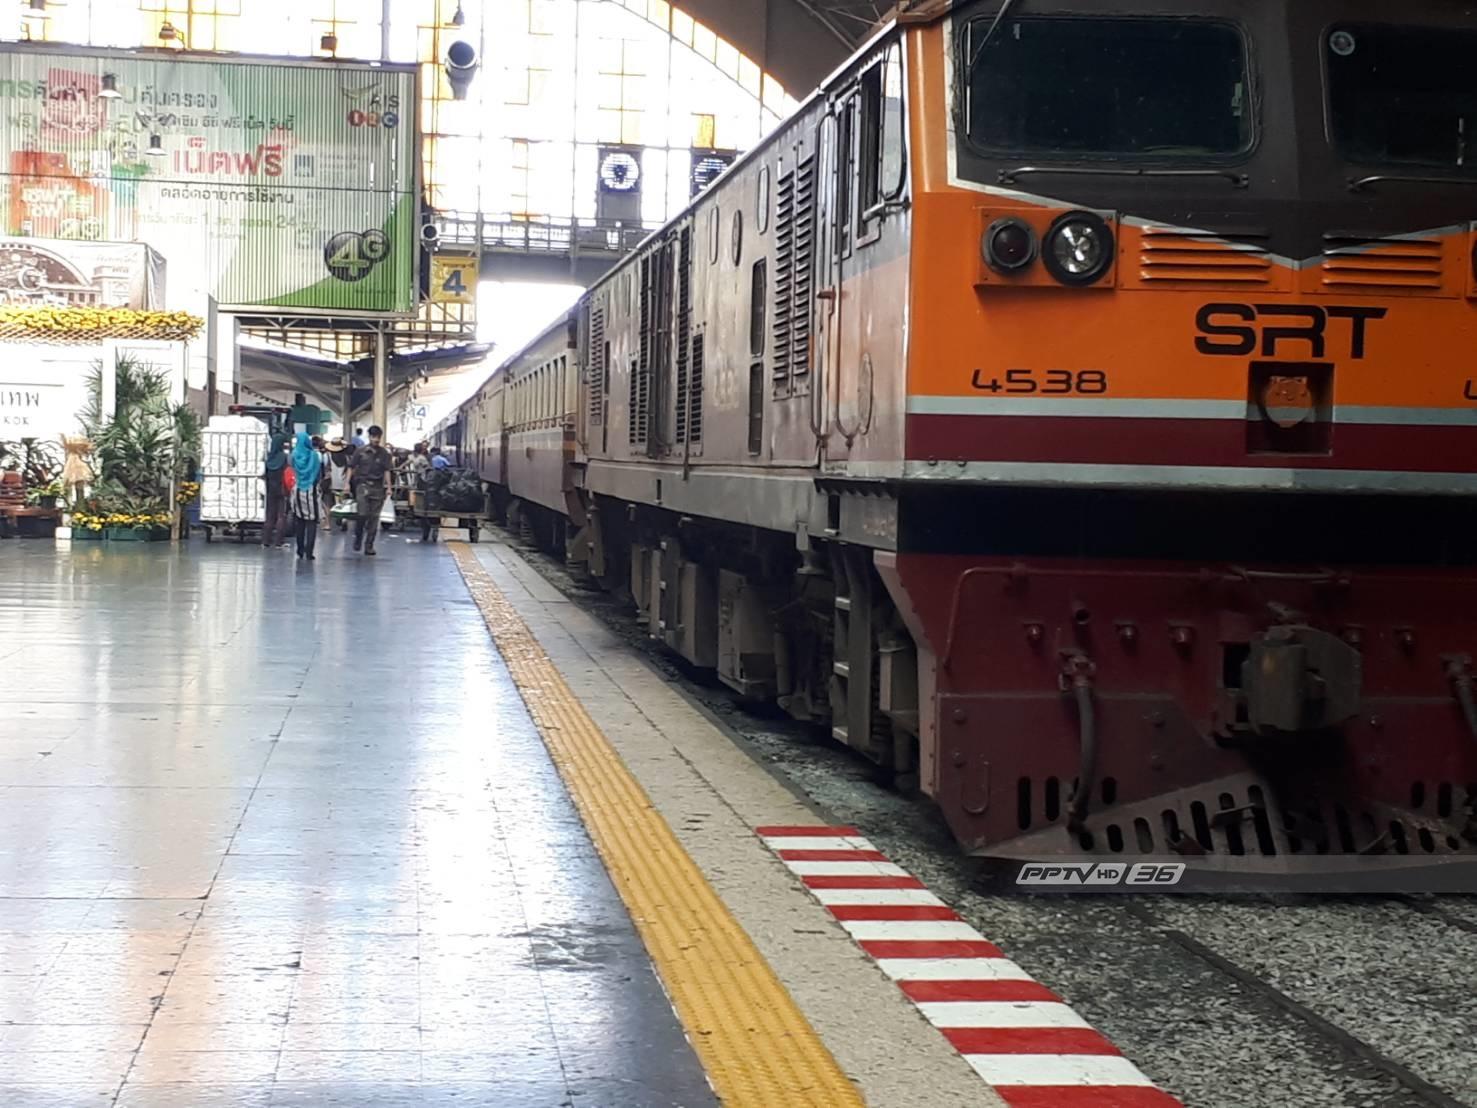 การรถไฟฯ คาด วันนี้จะมีผู้โดยสารลงสถานีหัวลำโพงมากถึง 12,000 คน